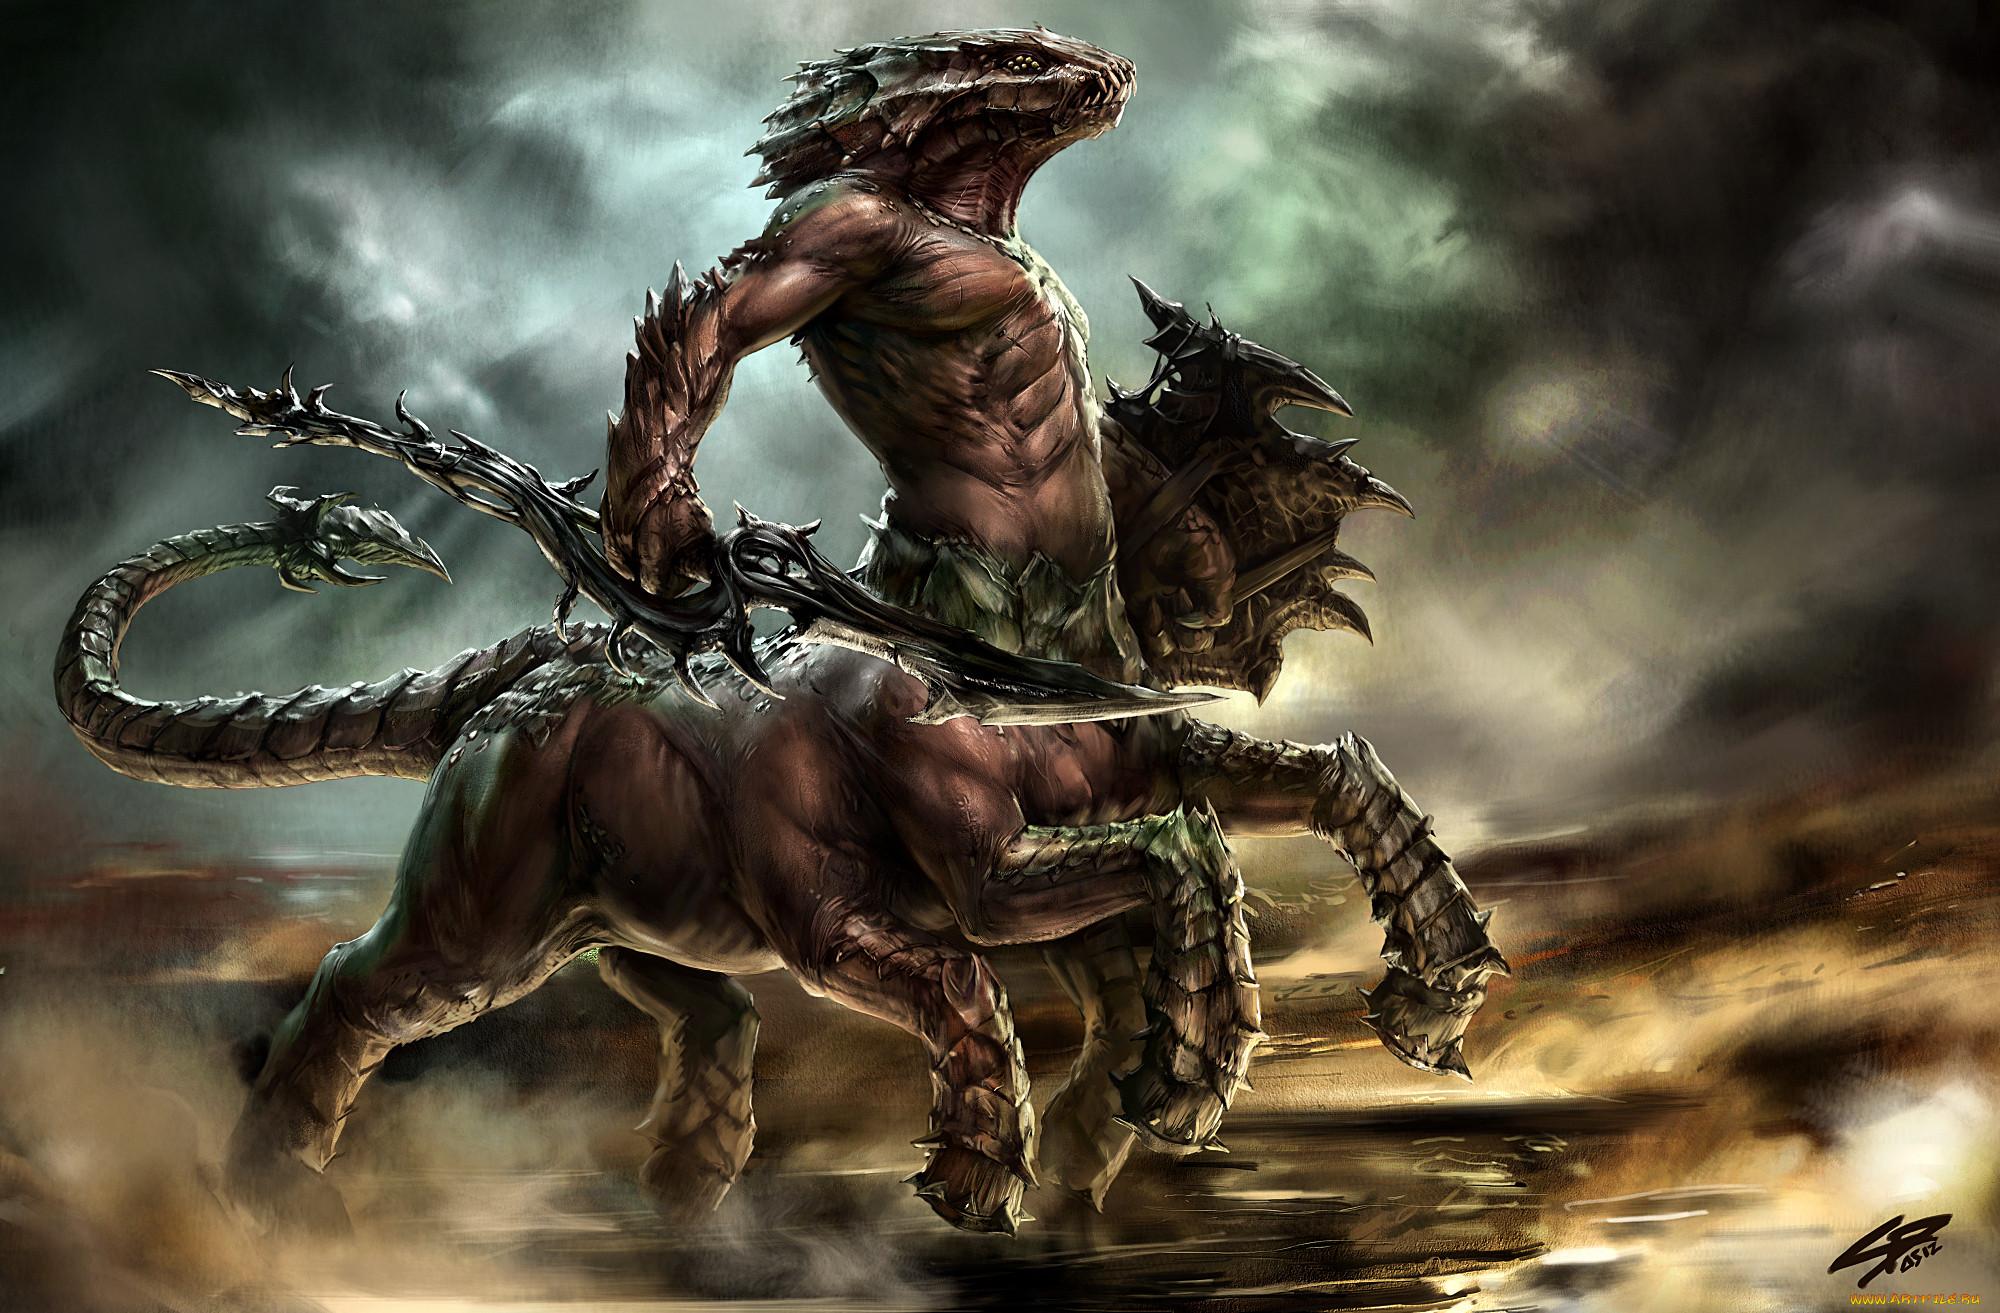 Картинки с монстрами чудовищами